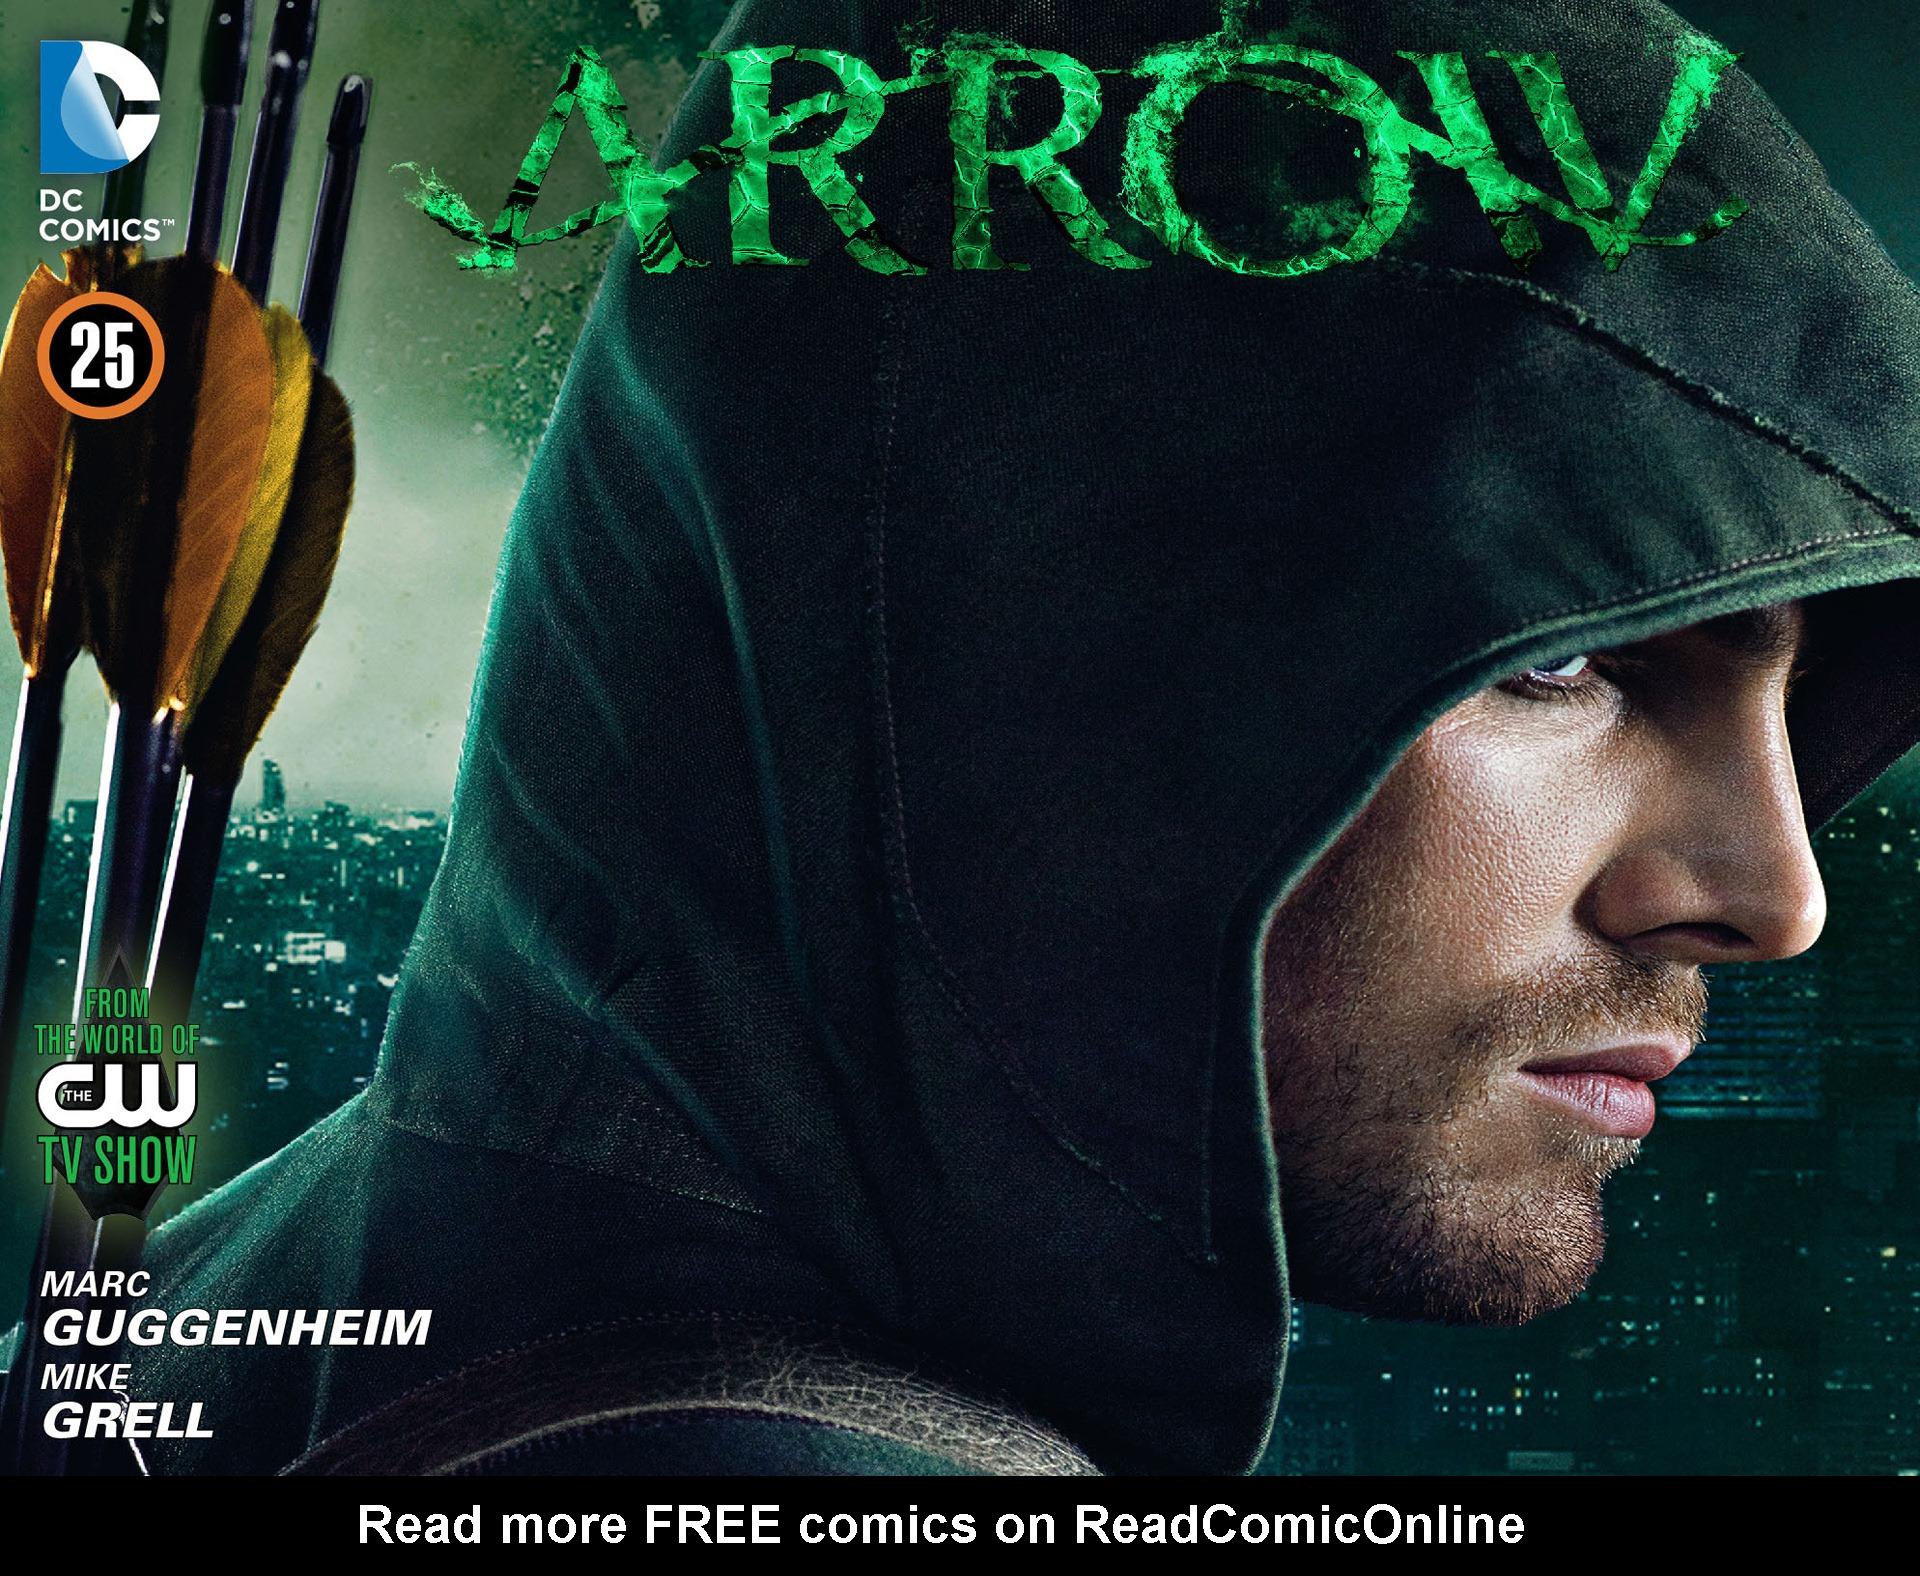 Read online Arrow [II] comic -  Issue #25 - 1